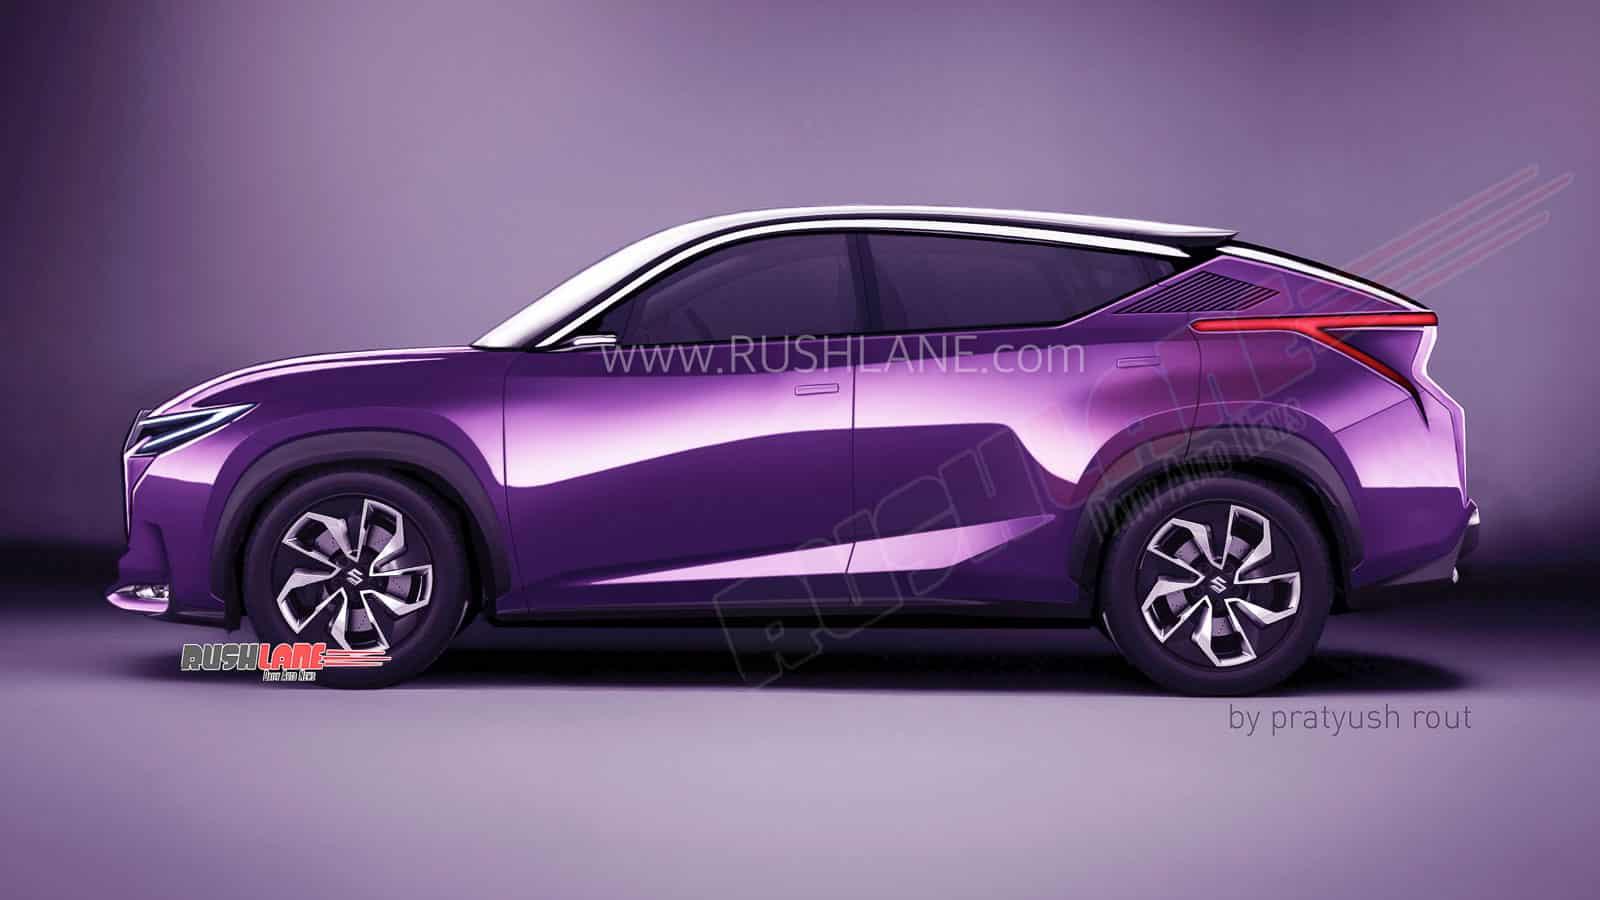 Maruti Futuro-e coupe SUV render